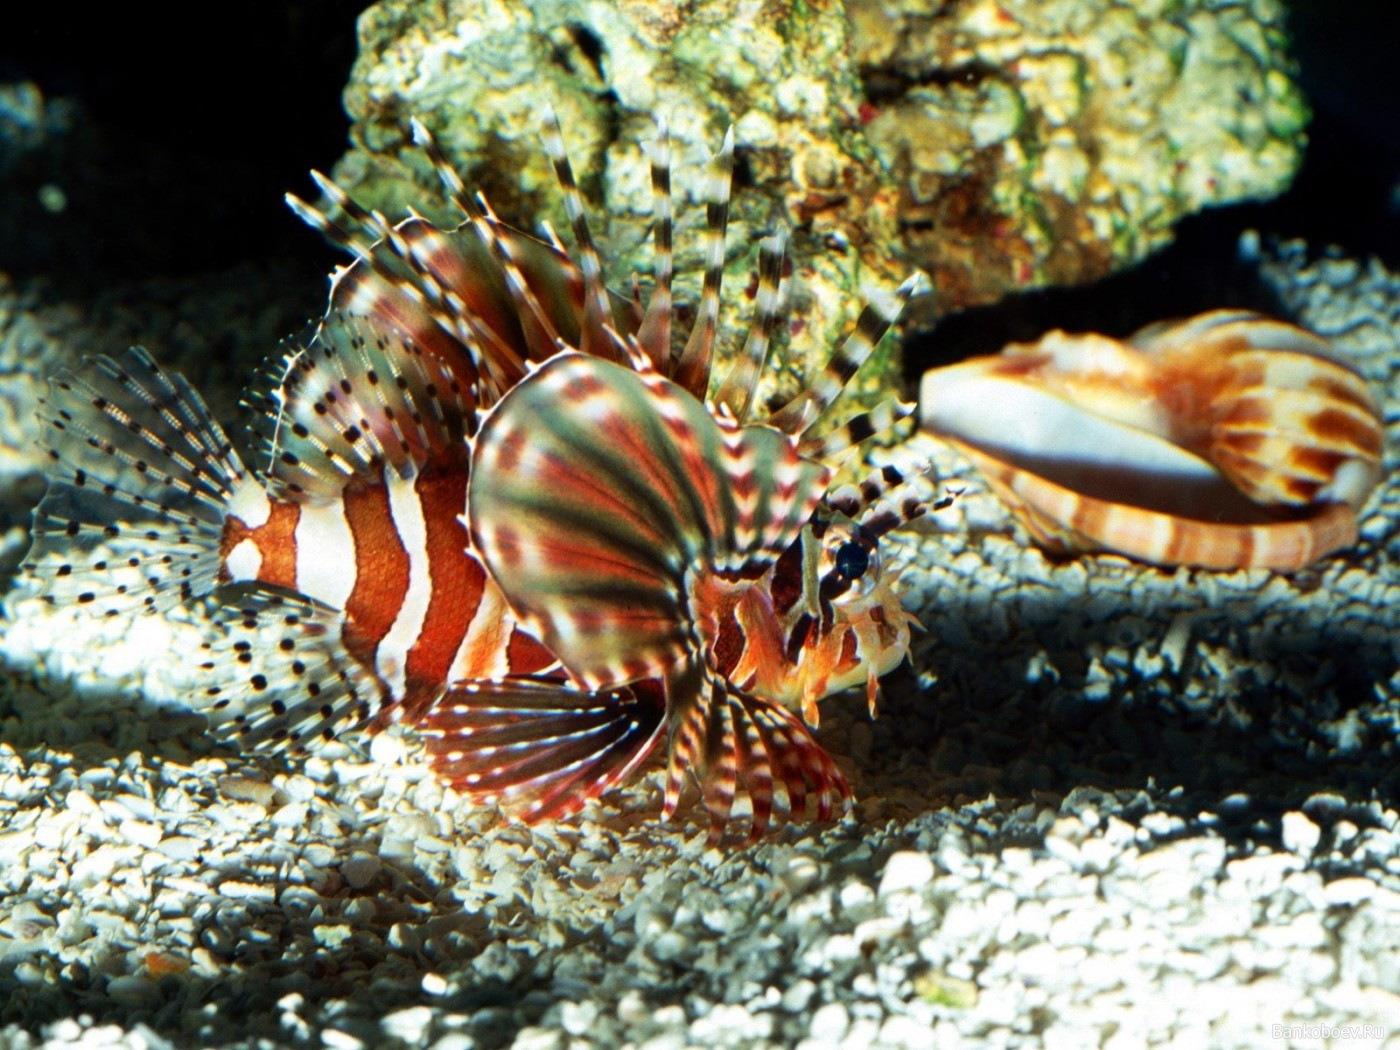 Фото Крылатки Рыбы Подводный мир Животные крылатка животное